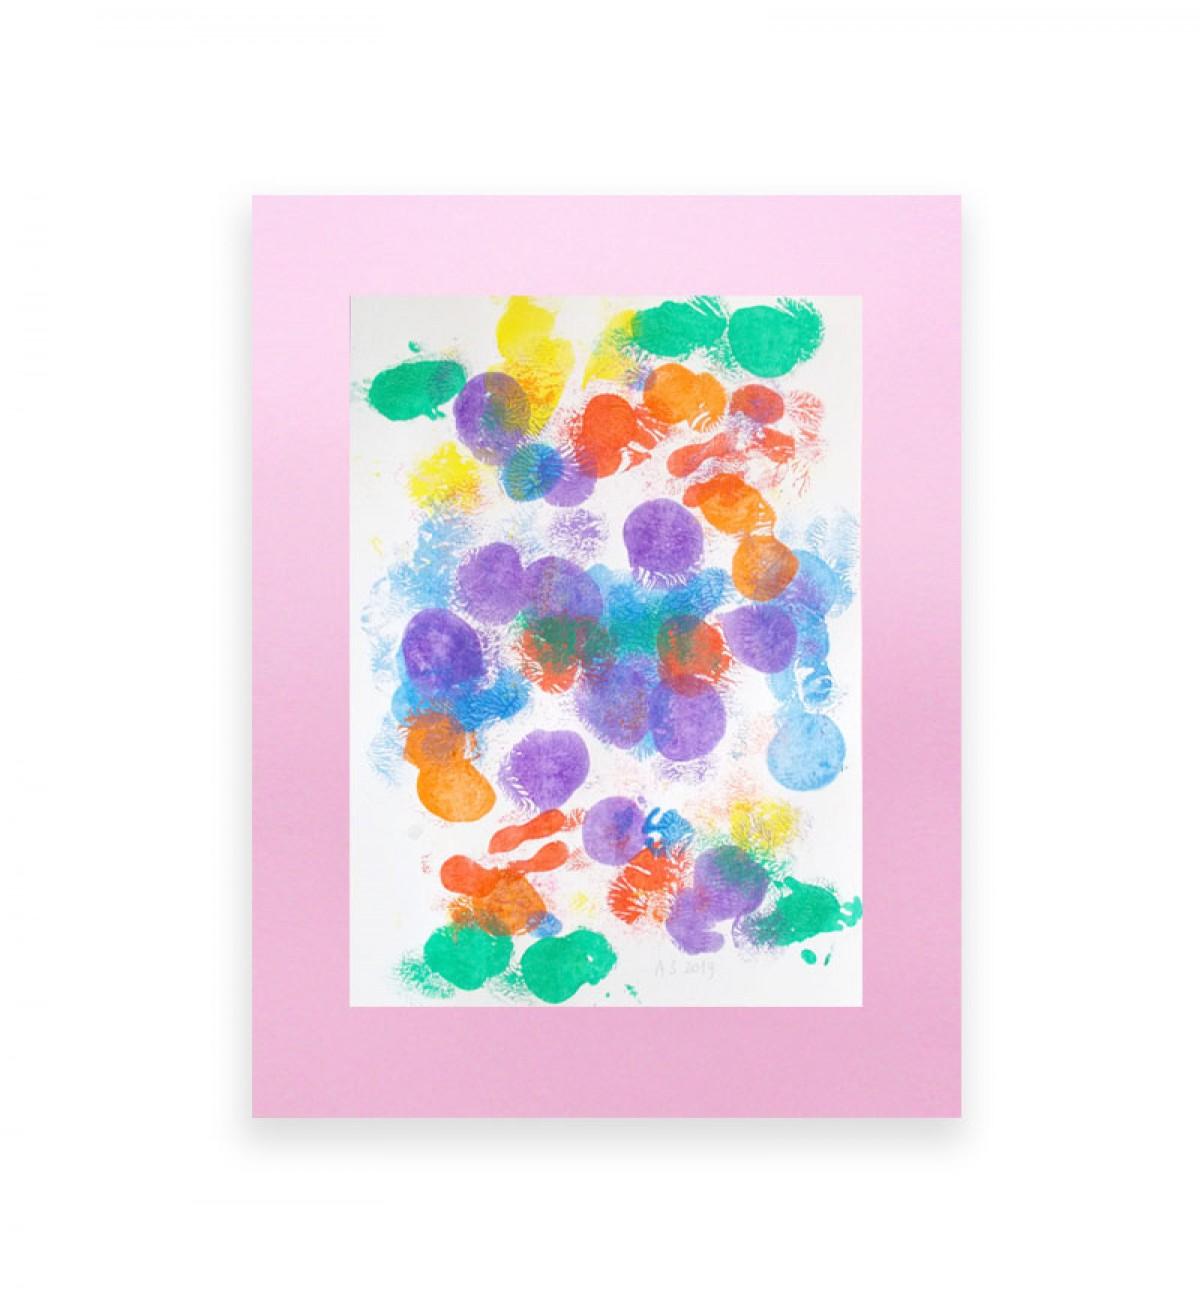 kolorowa dekoracja na ścianę, abstrakcyjny obrazek